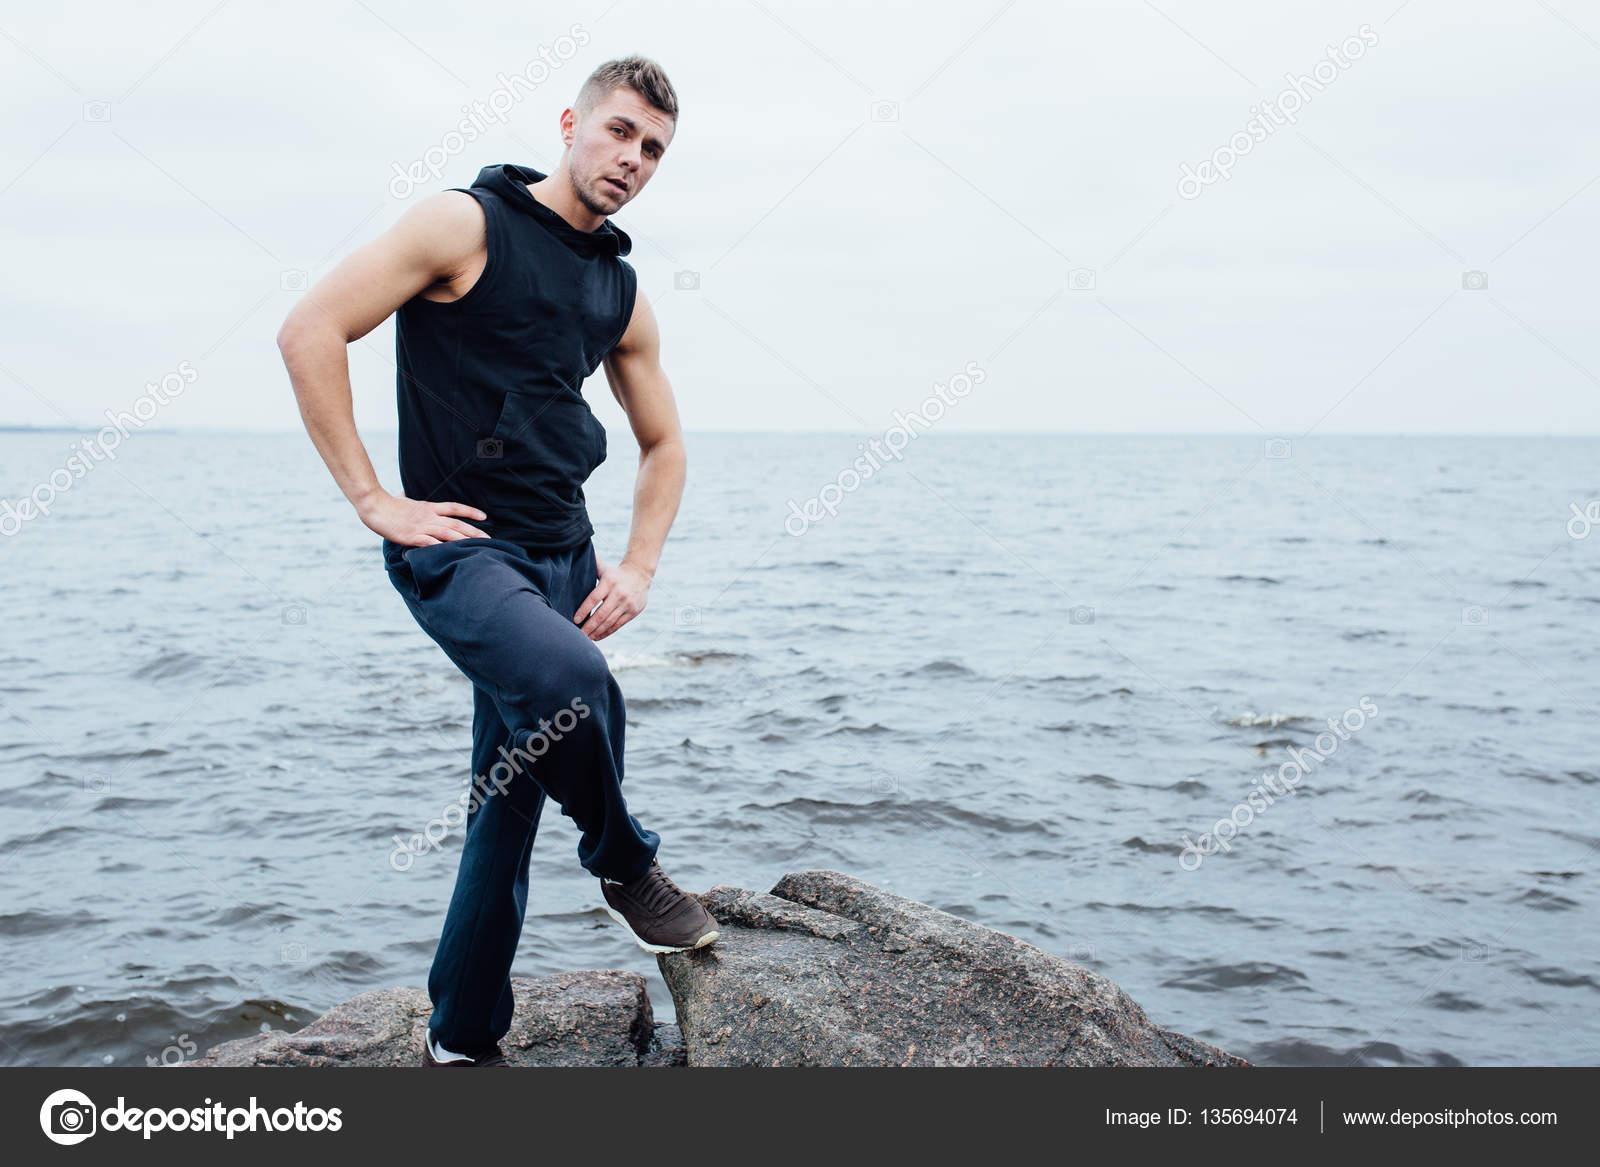 Fotos En La Playa Hombre: Fuerte Yang Fitness Hombre Poses En La Playa Cerca Del Mar